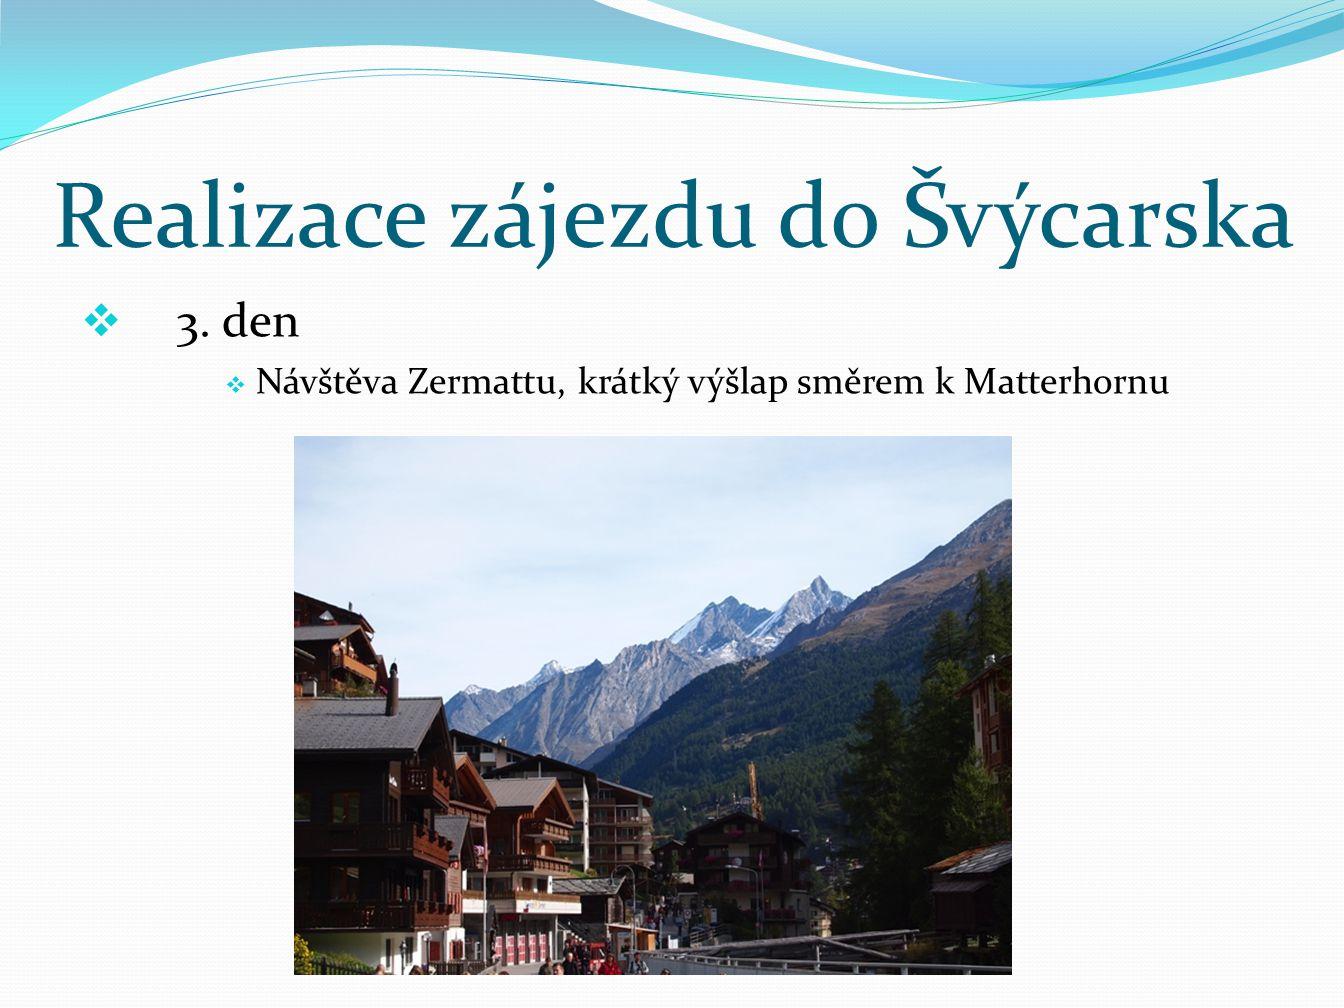 Realizace zájezdu do Švýcarska